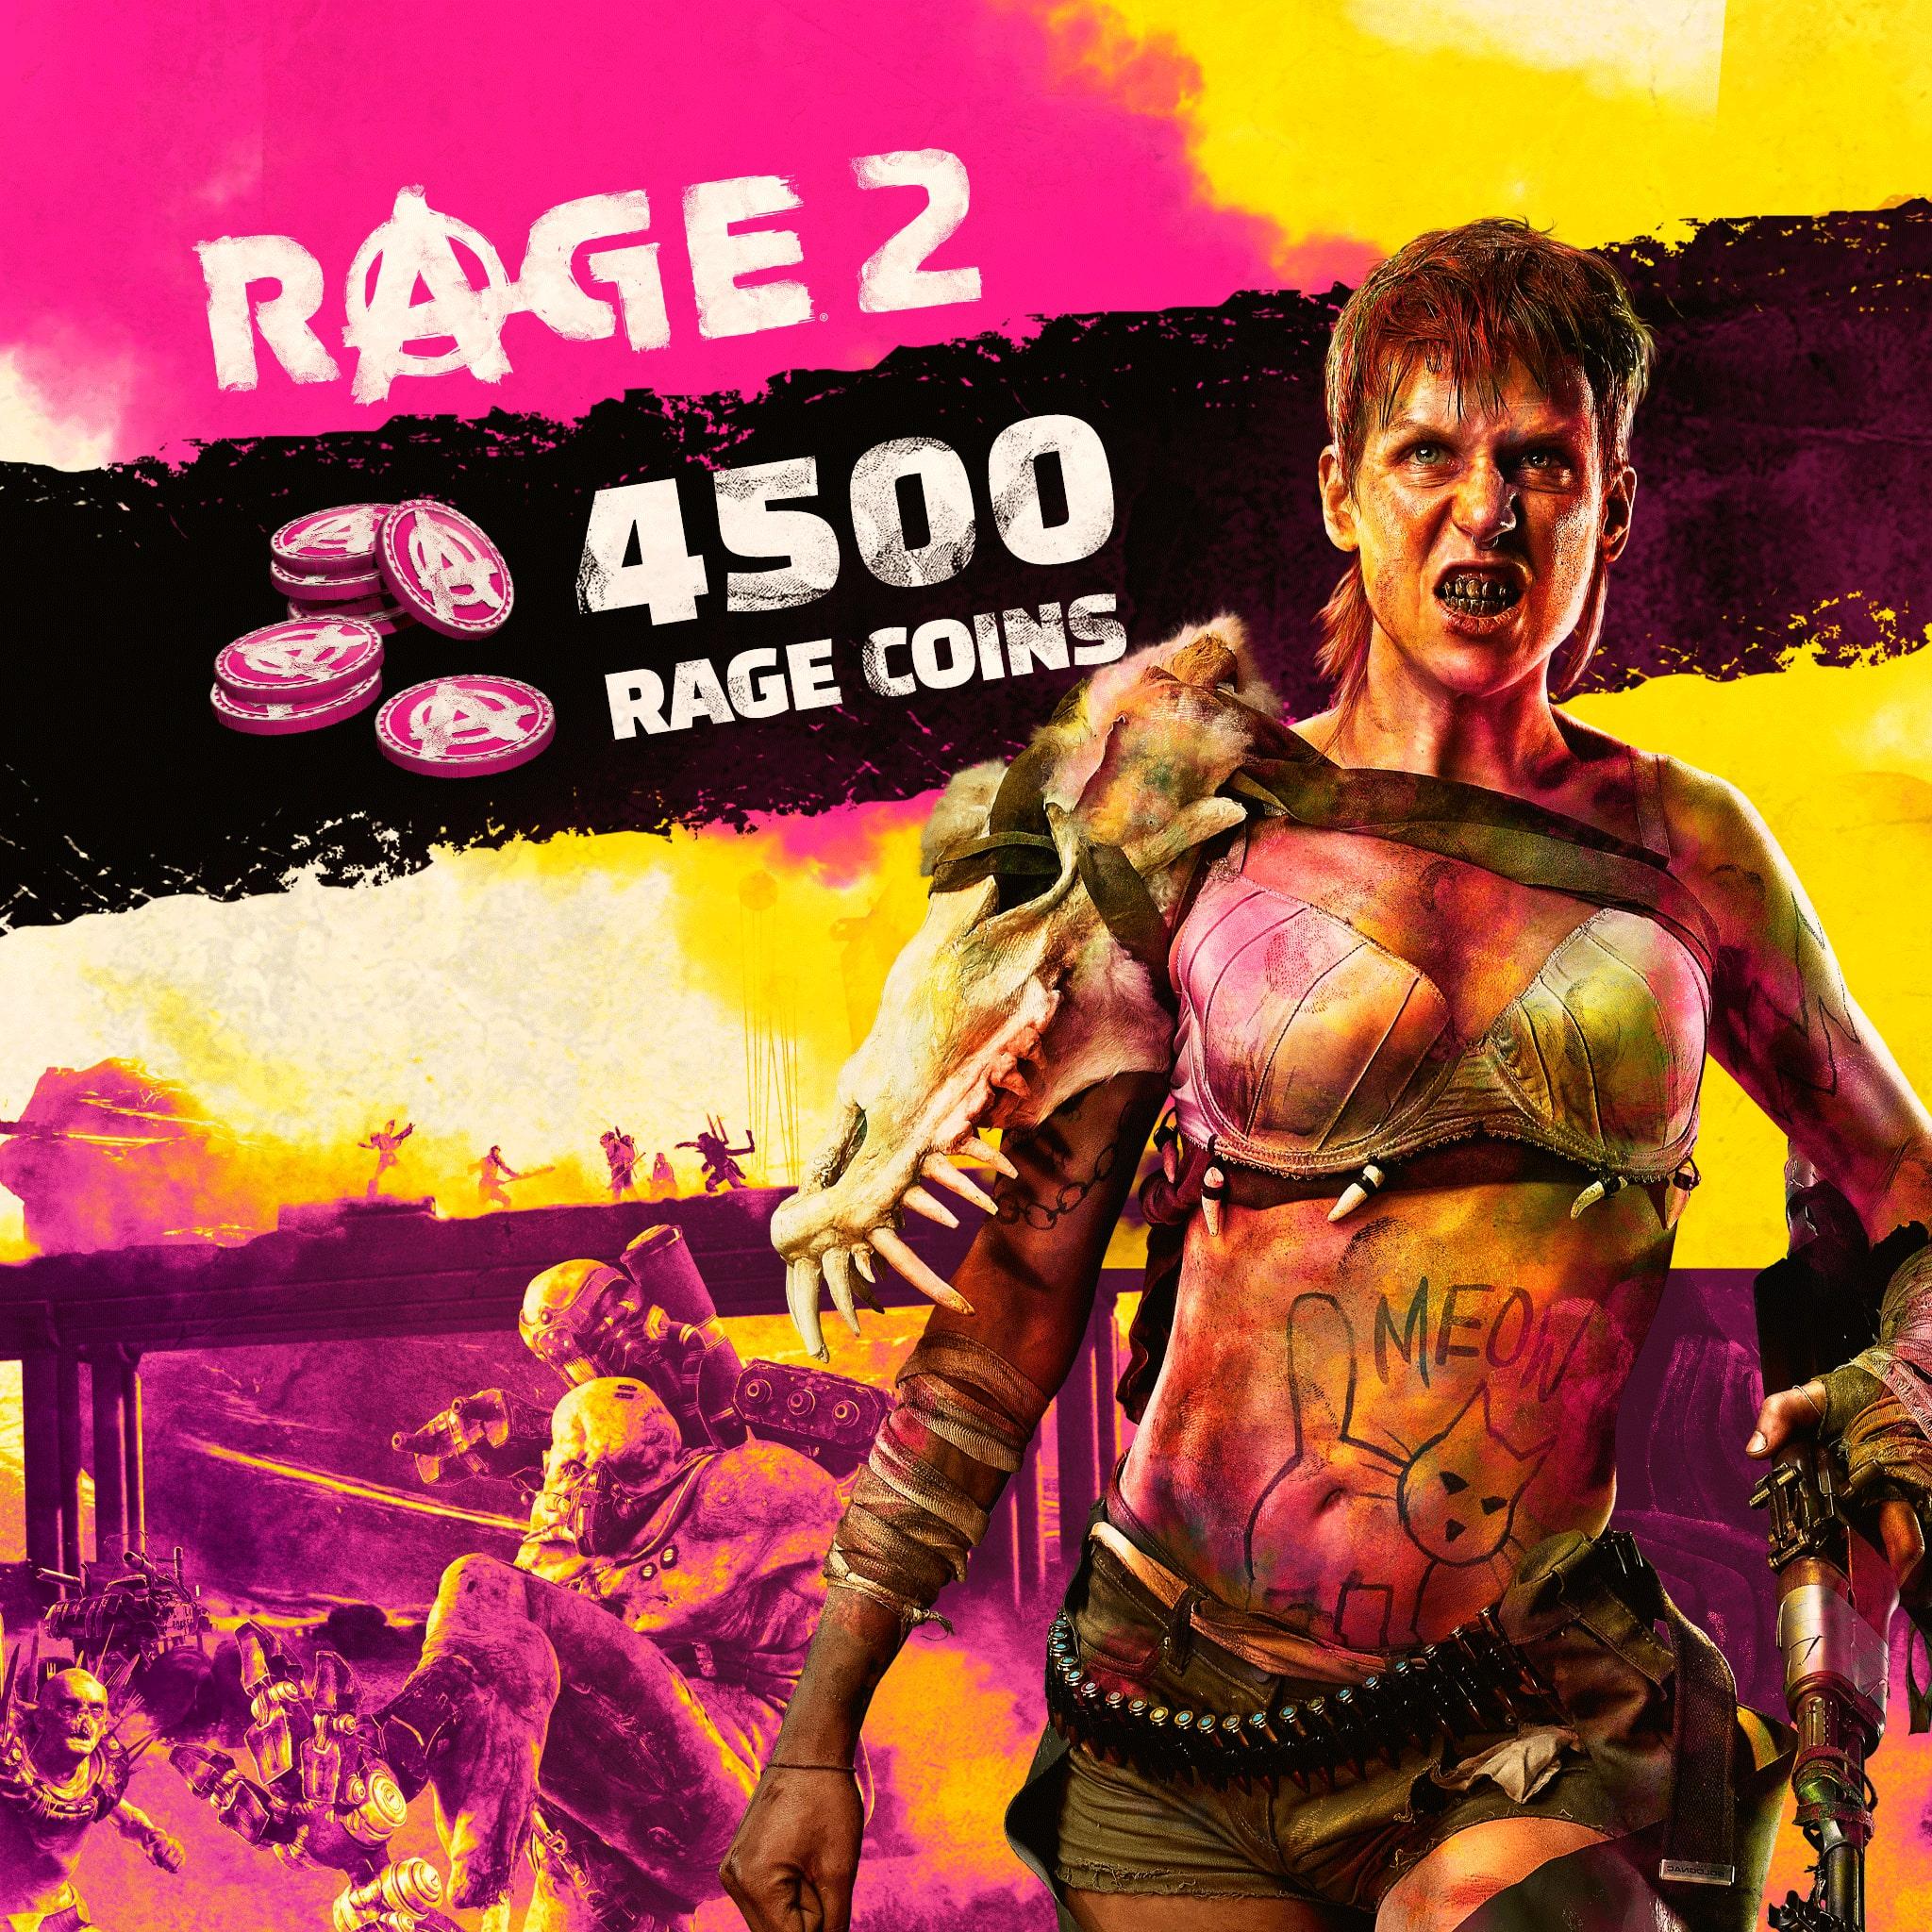 RAGE 2: 4500 RAGE Coins